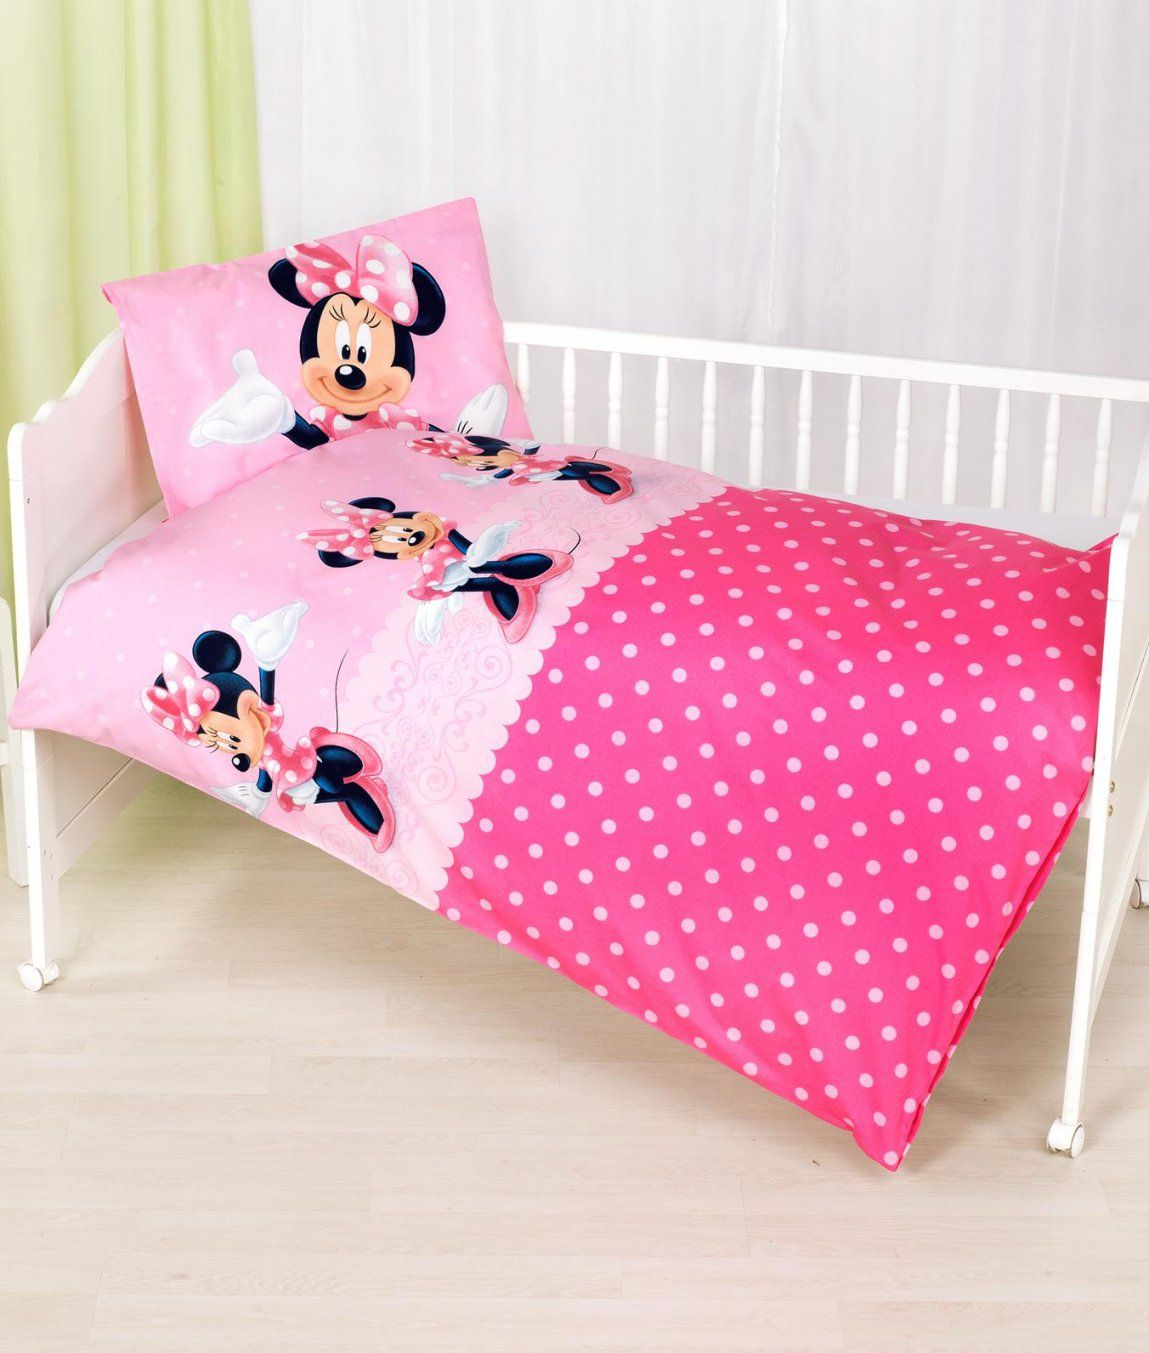 Babybettwäsche Garnitur Minnie Mouse Kaufen  Angela Bruderer von Mini Mouse Bettwäsche Photo